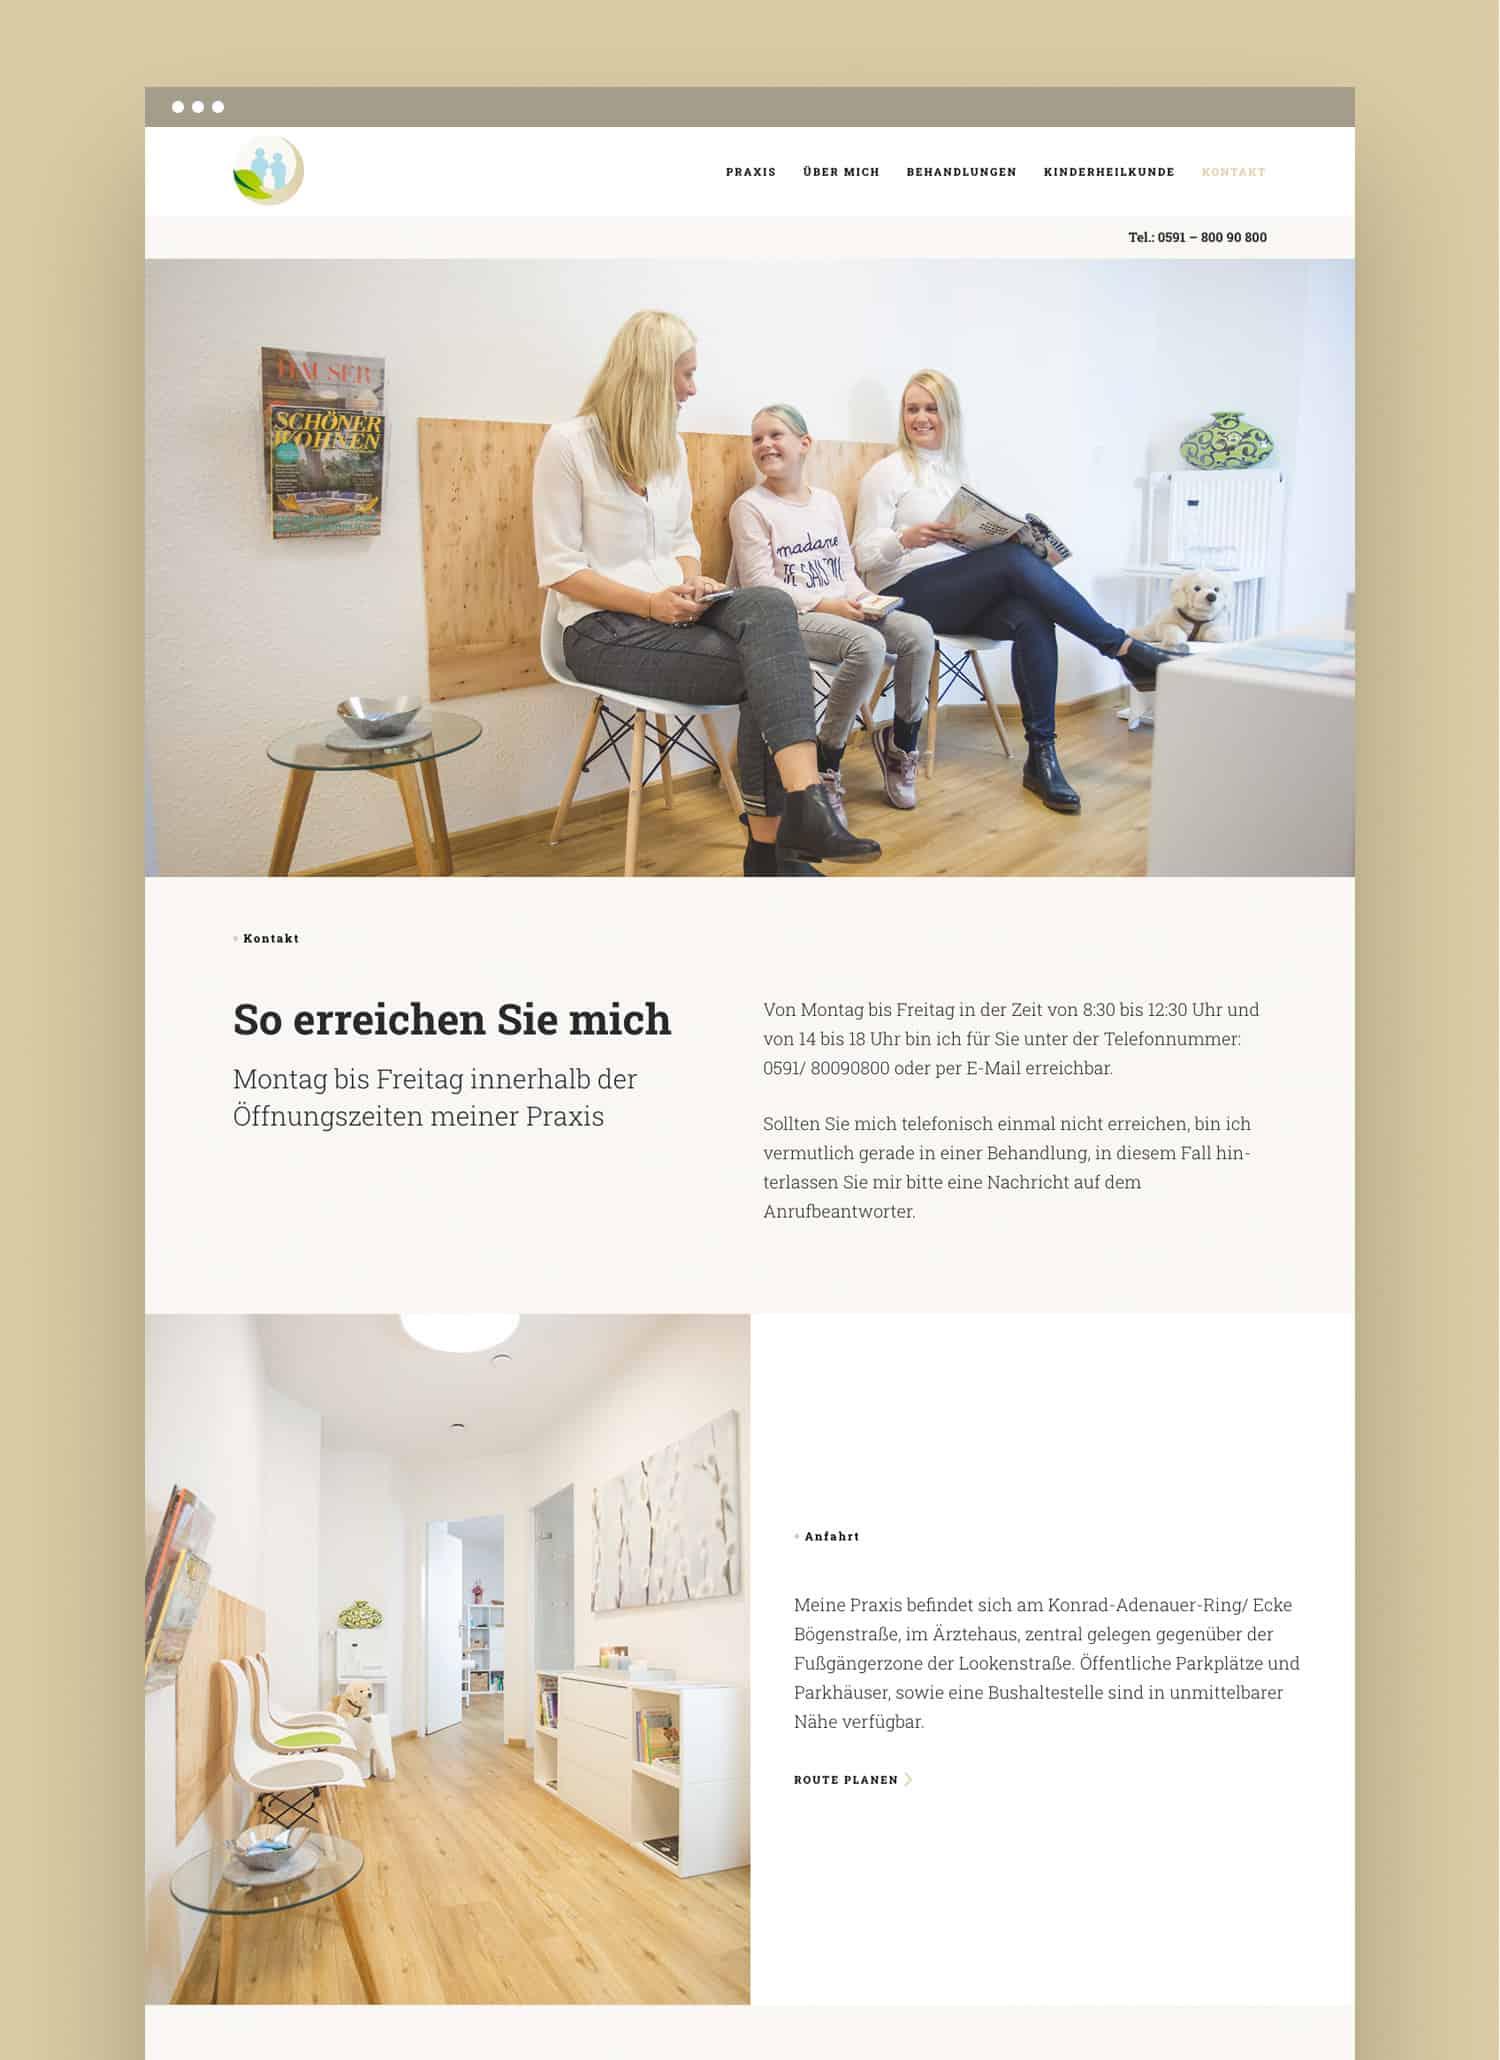 geniacs-werbeagentur-muenster-webdesign_naturheilkunde_volbers-detail